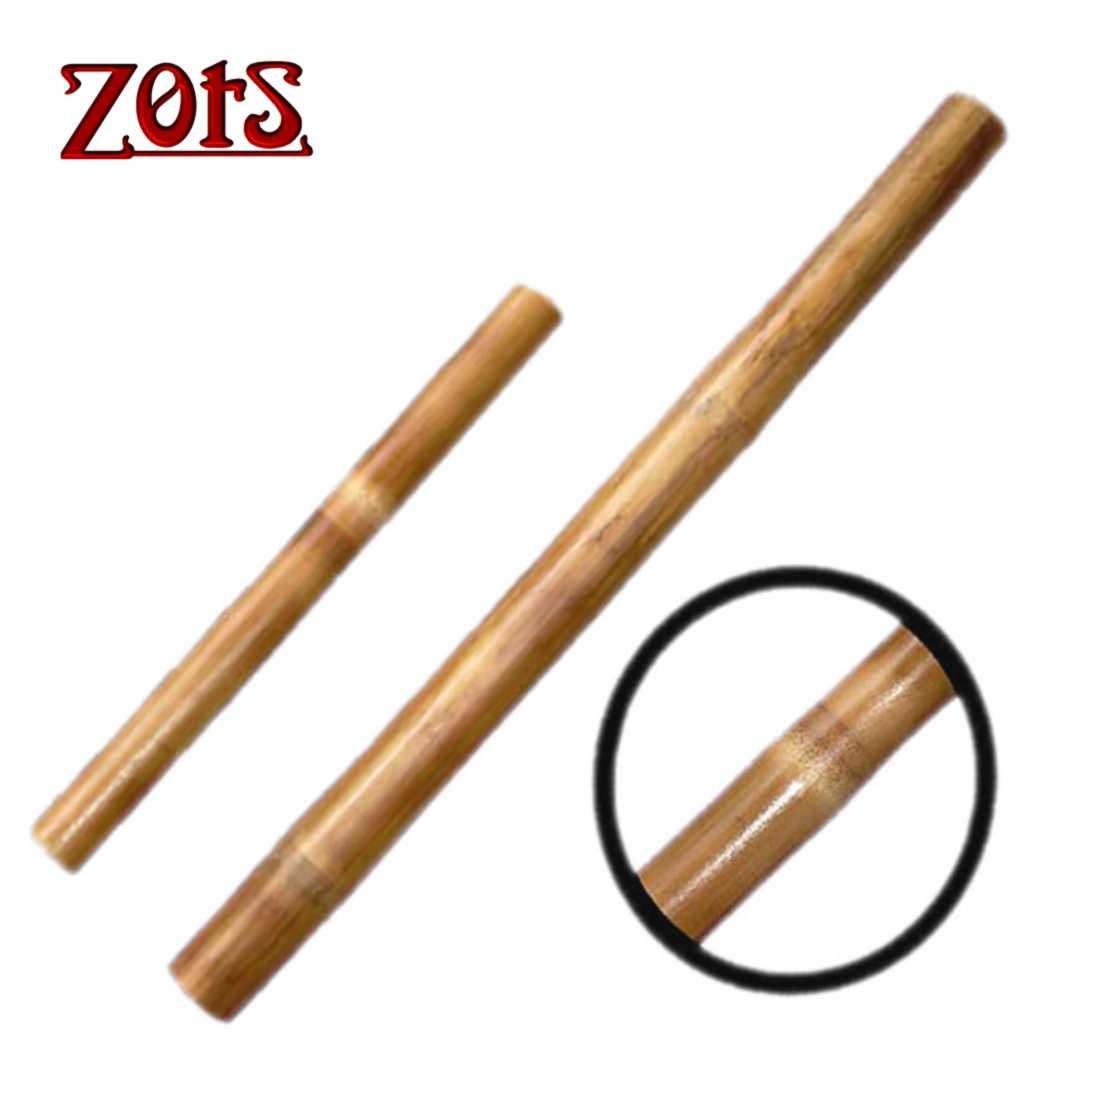 Kit Bambu Boa Forma  -  Zots